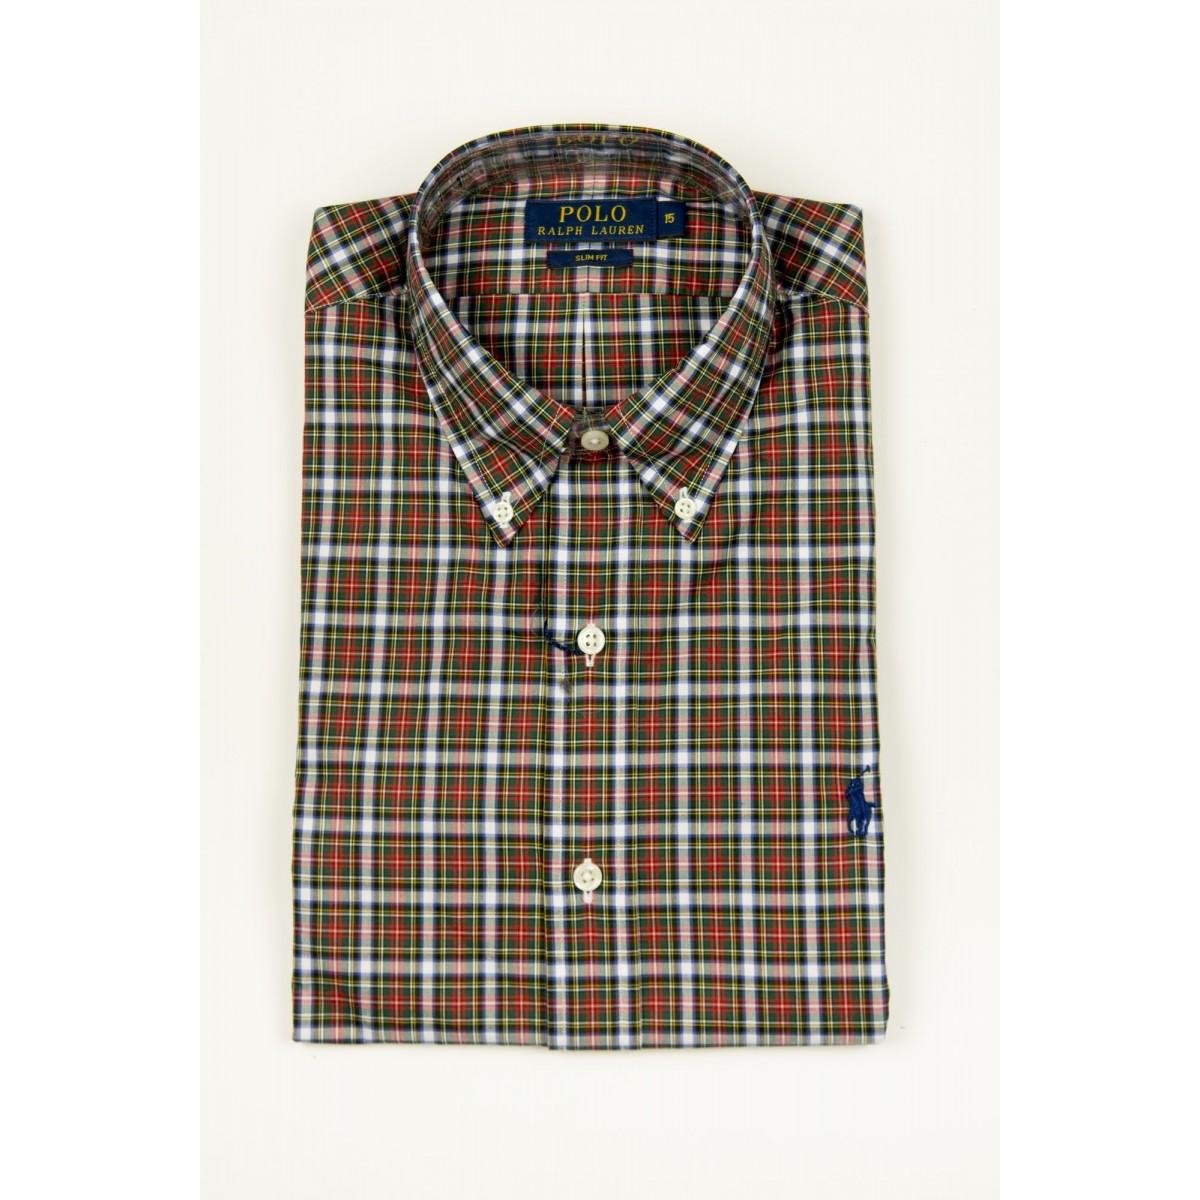 Camicia Uomo Polo Ralph Lauren - A02Wsfbkc0038